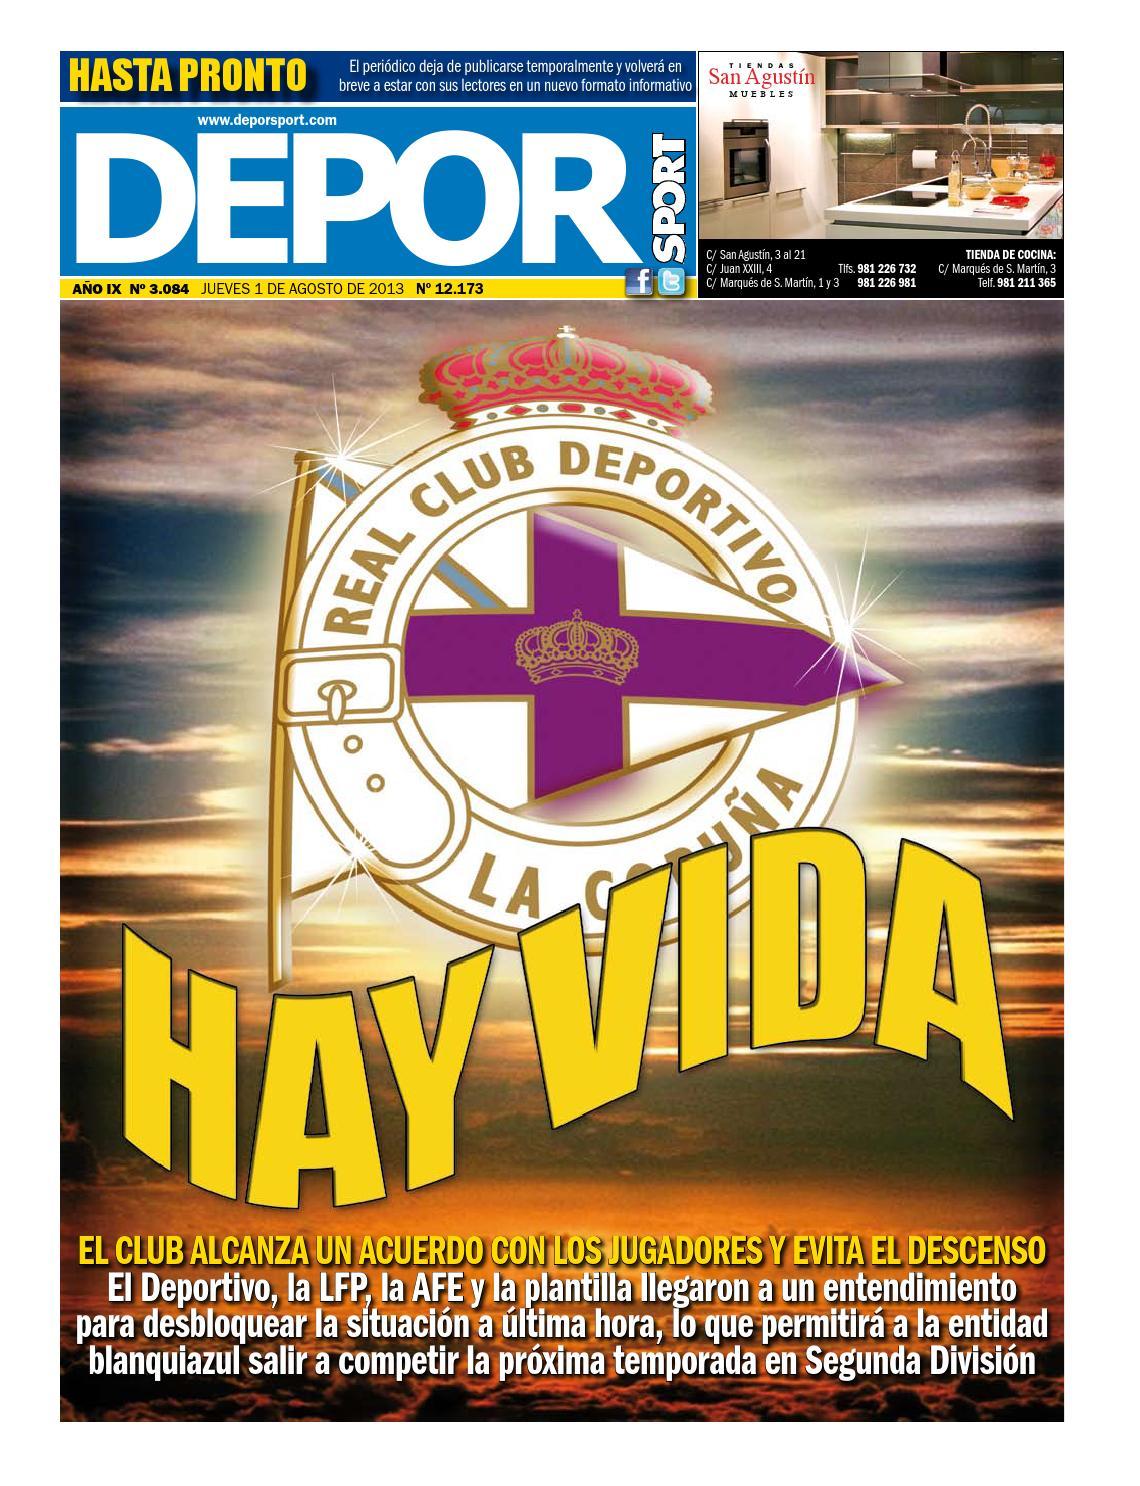 Deporsport-01-08-2013 by DEPOR Sport - issuu